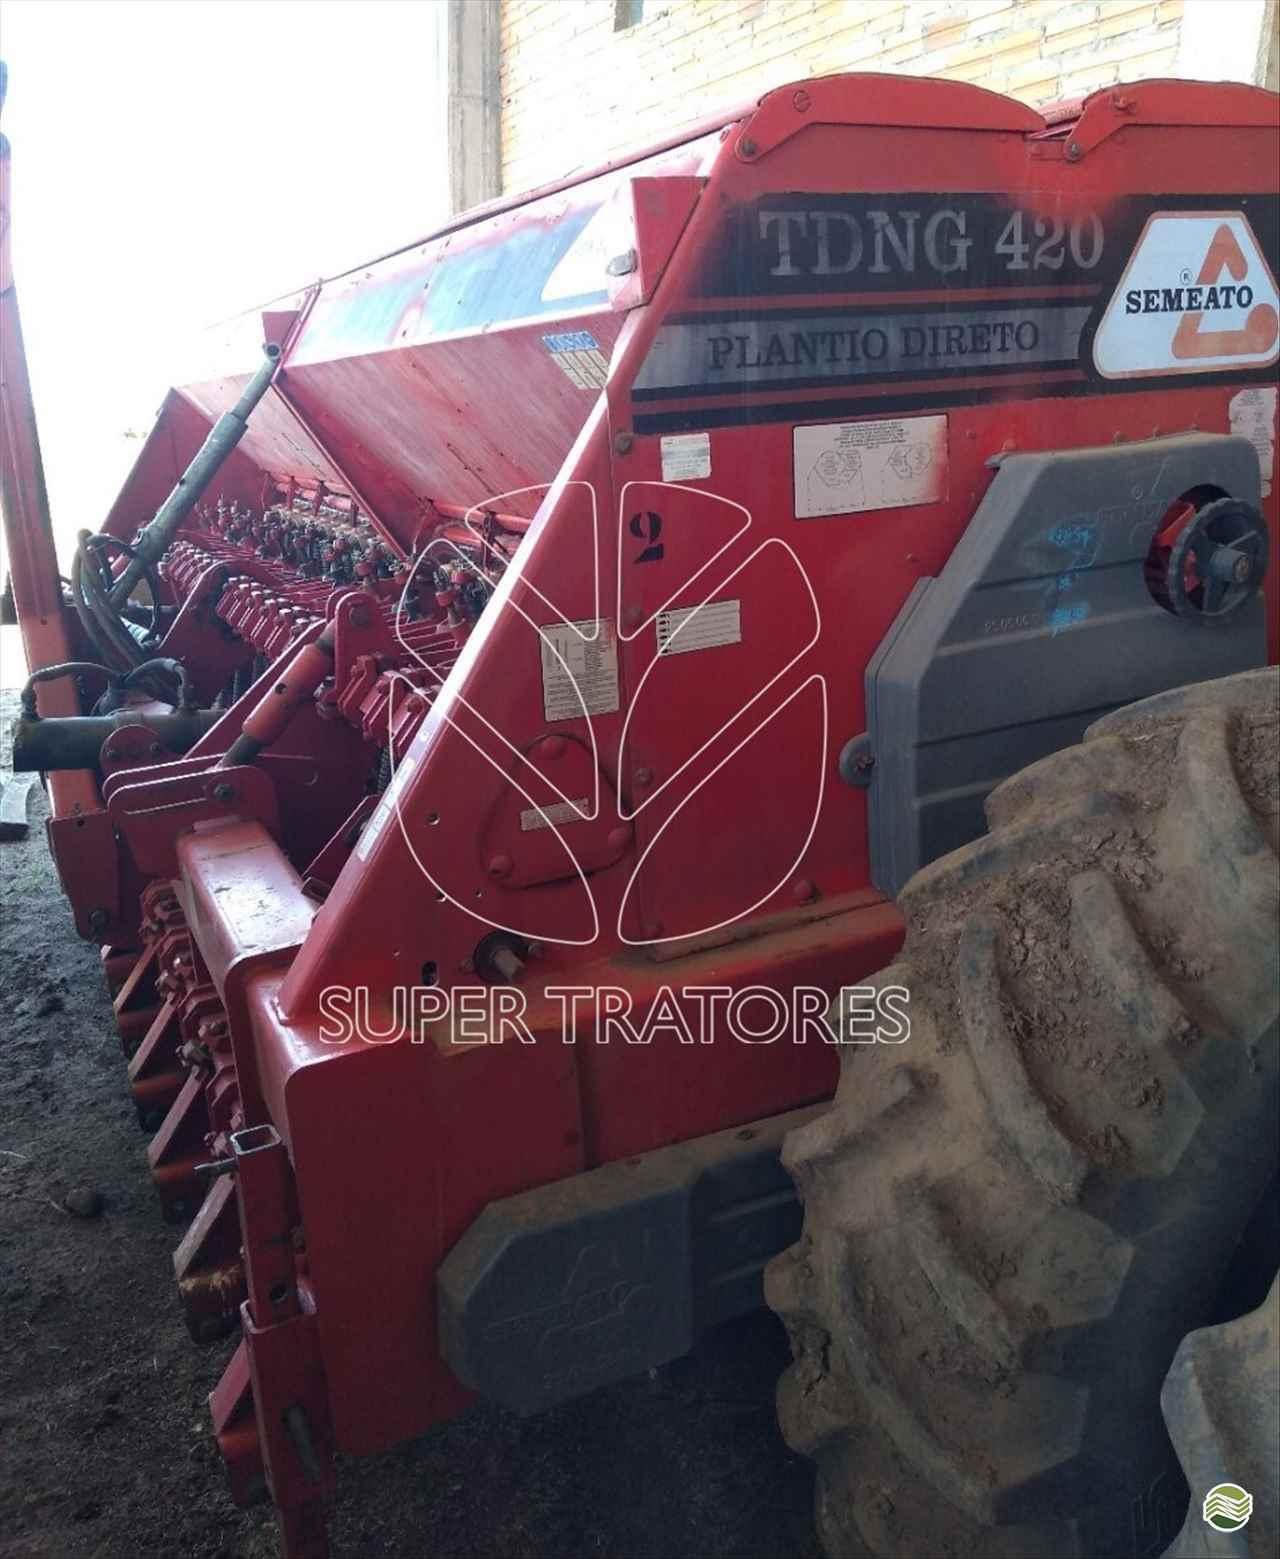 PLANTADEIRA SEMEATO SEMEATO TDNG420 Super Tratores - New Holland - Matriz SANTA MARIA RIO GRANDE DO SUL RS